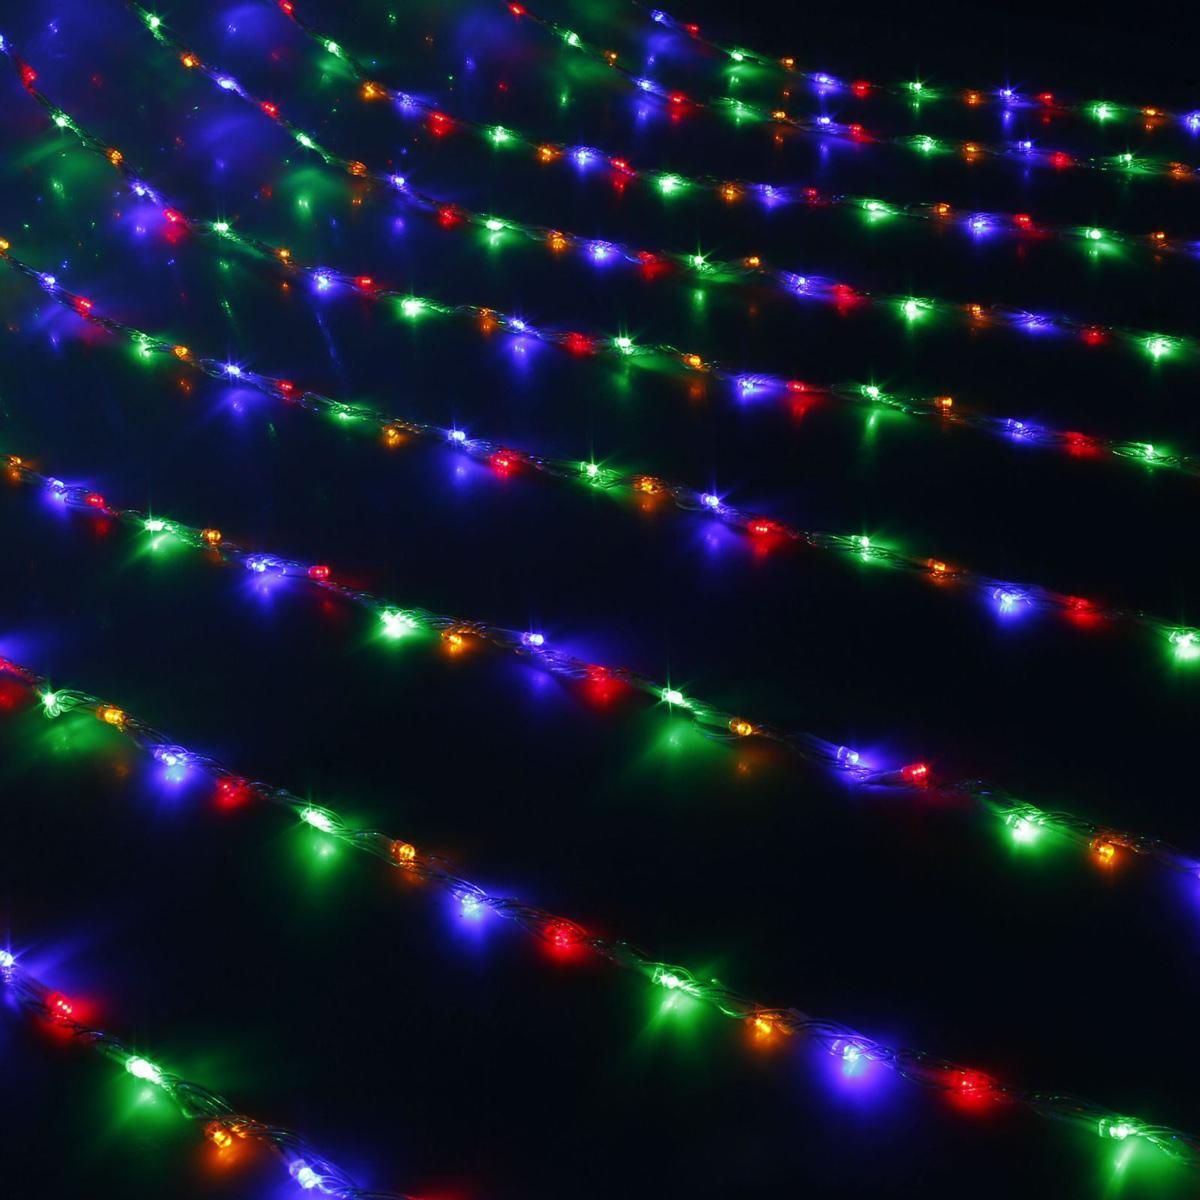 Гирлянда светодиодная Luazon Дождь, уличная, 1500 ламп, 220 V, цвет: мультиколор, 2 х 6 м. 10802001080333Светодиодные гирлянды, ленты и т.д — это отличный вариант для новогоднего оформления интерьера или фасада. С их помощью помещение любого размера можно превратить в праздничный зал, а внешние элементы зданий, украшенные ими, мгновенно станут напоминать очертания сказочного дворца. Такие украшения создают ауру предвкушения чуда. Деревья, фасады, витрины, окна и арки будто специально созданы, чтобы вы украсили их светящимися нитями.